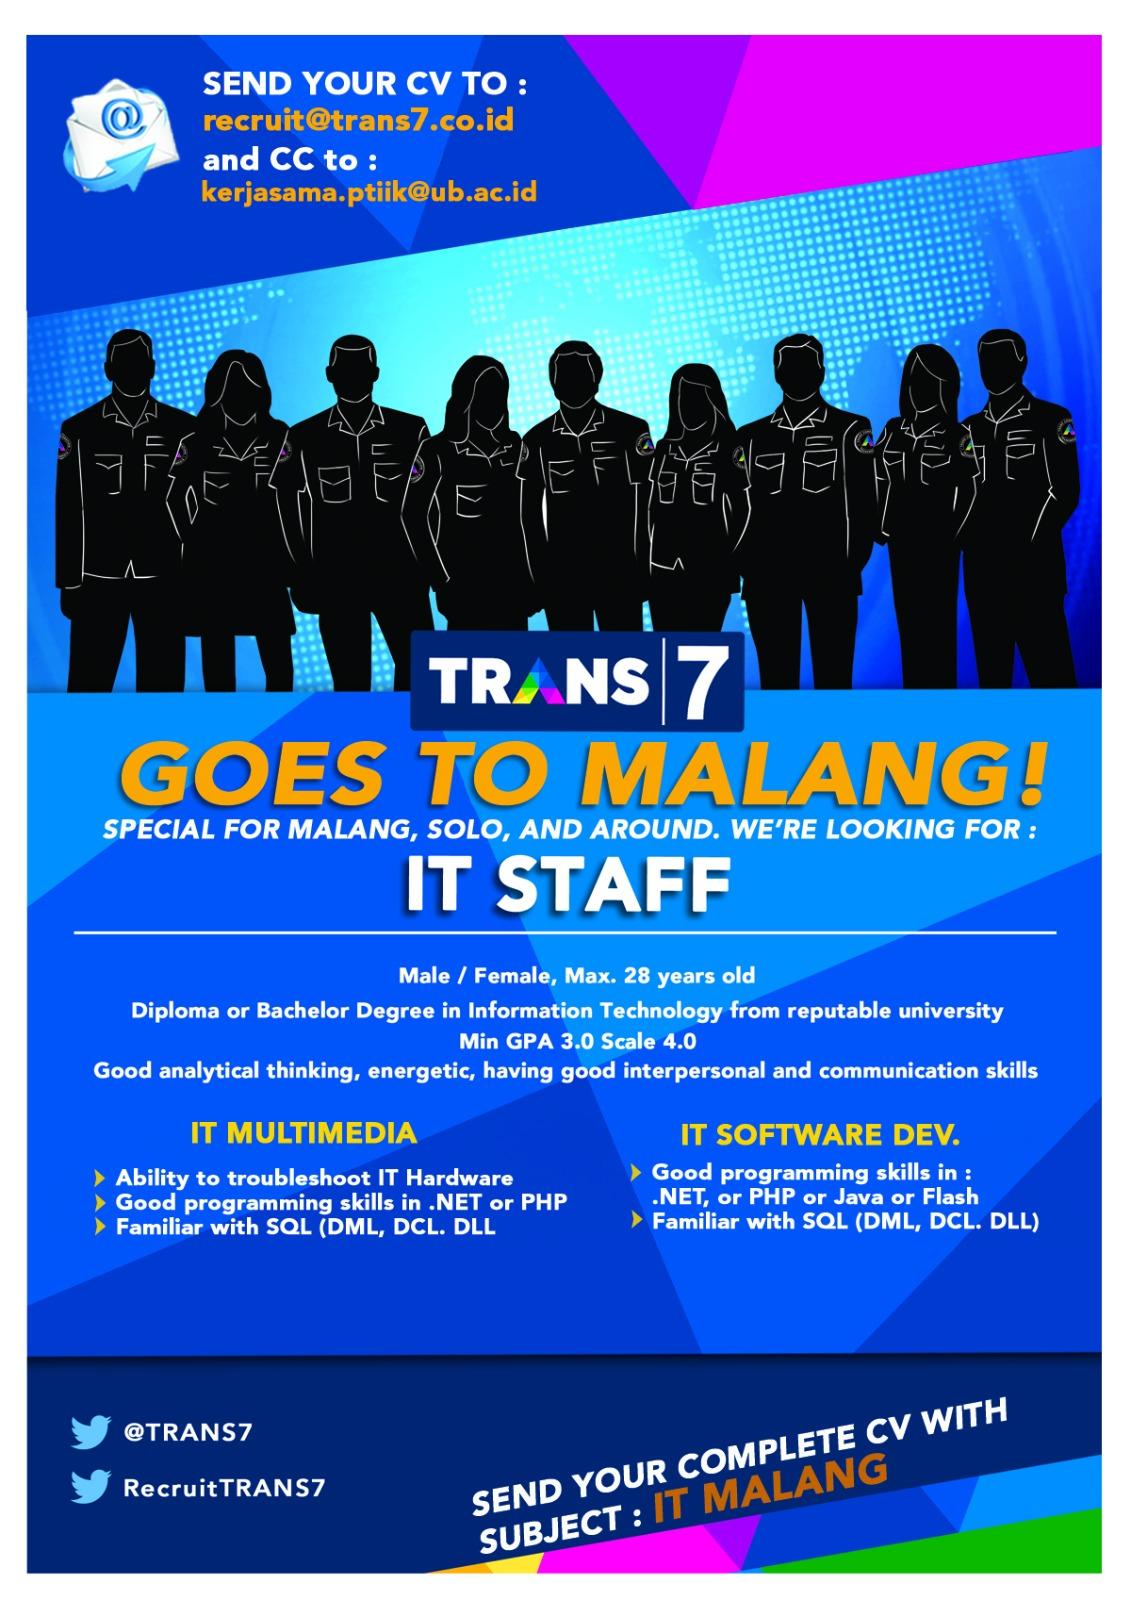 17_IT_Staff_Trans_7